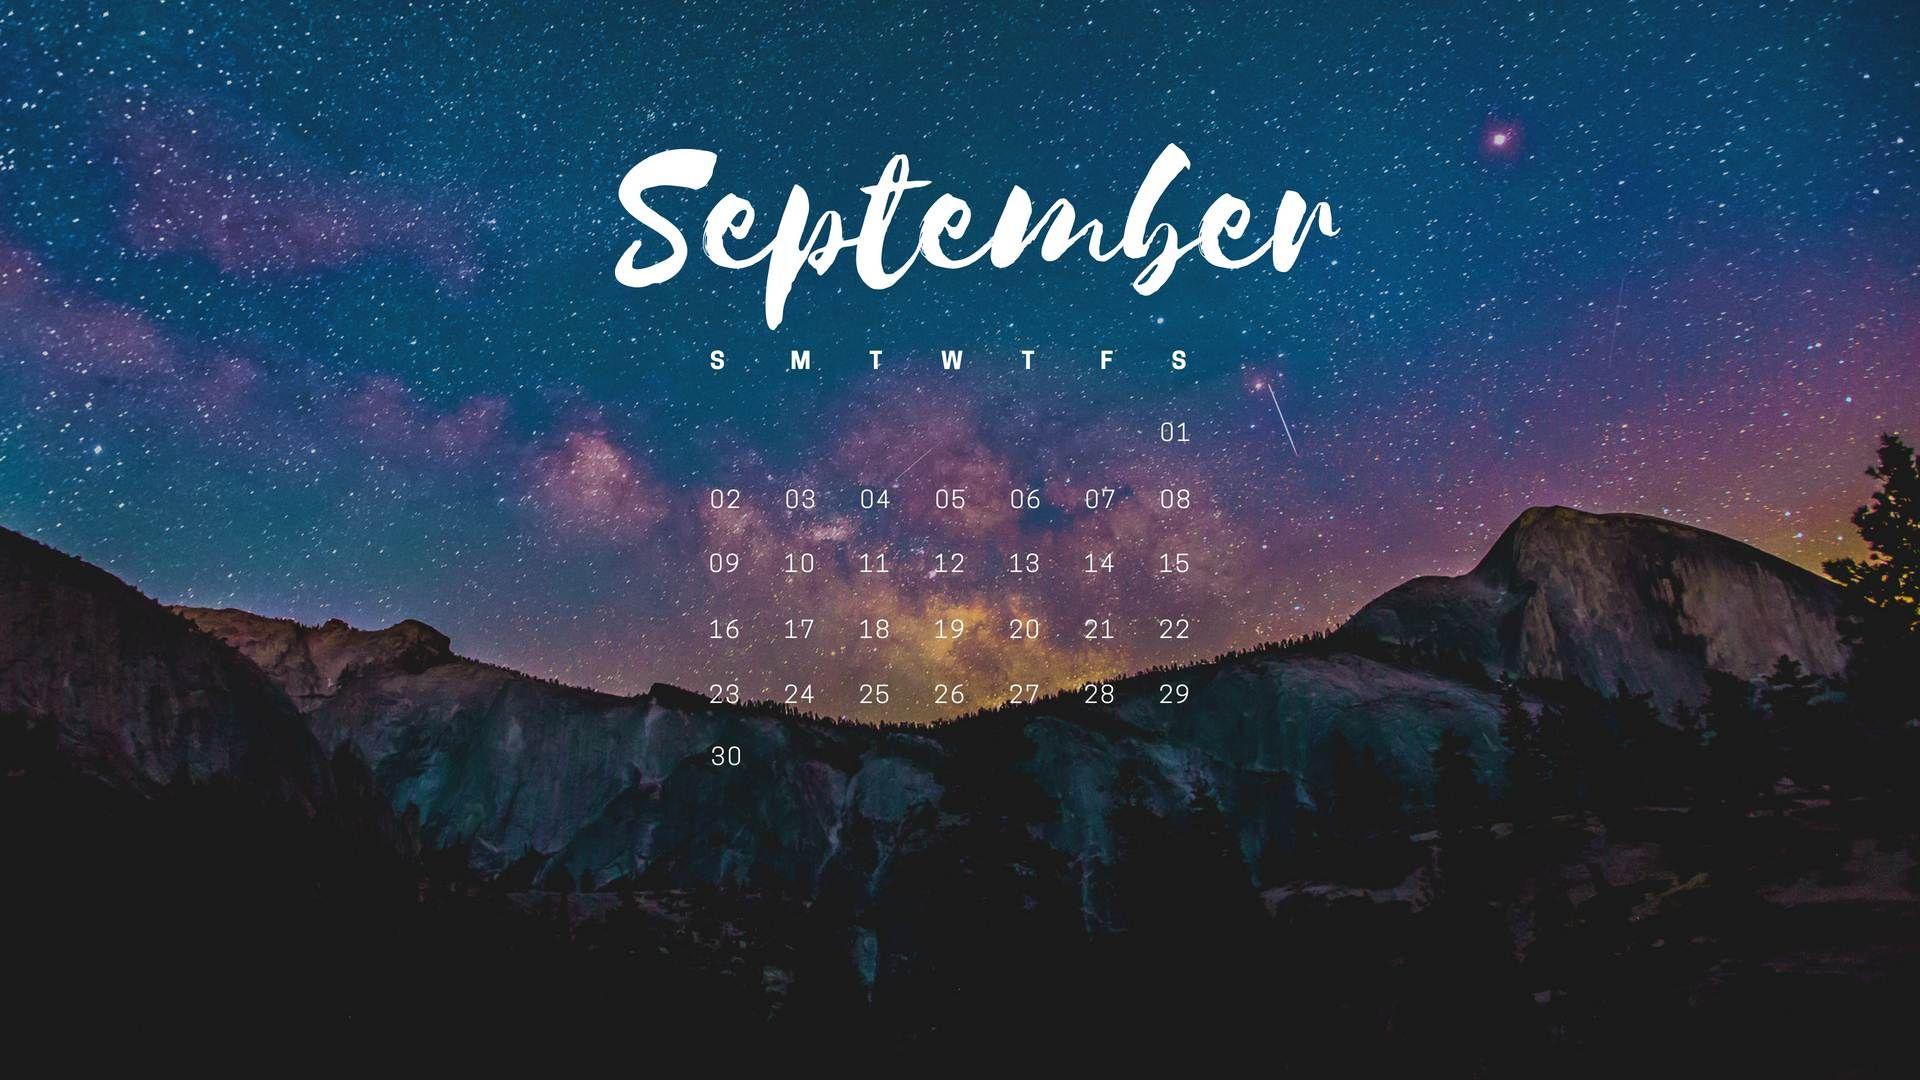 September 2018 On Screen Mobile Pc Desktop Wallpapers September Wallpaper Desktop Wallpaper Calendar Calendar Wallpaper